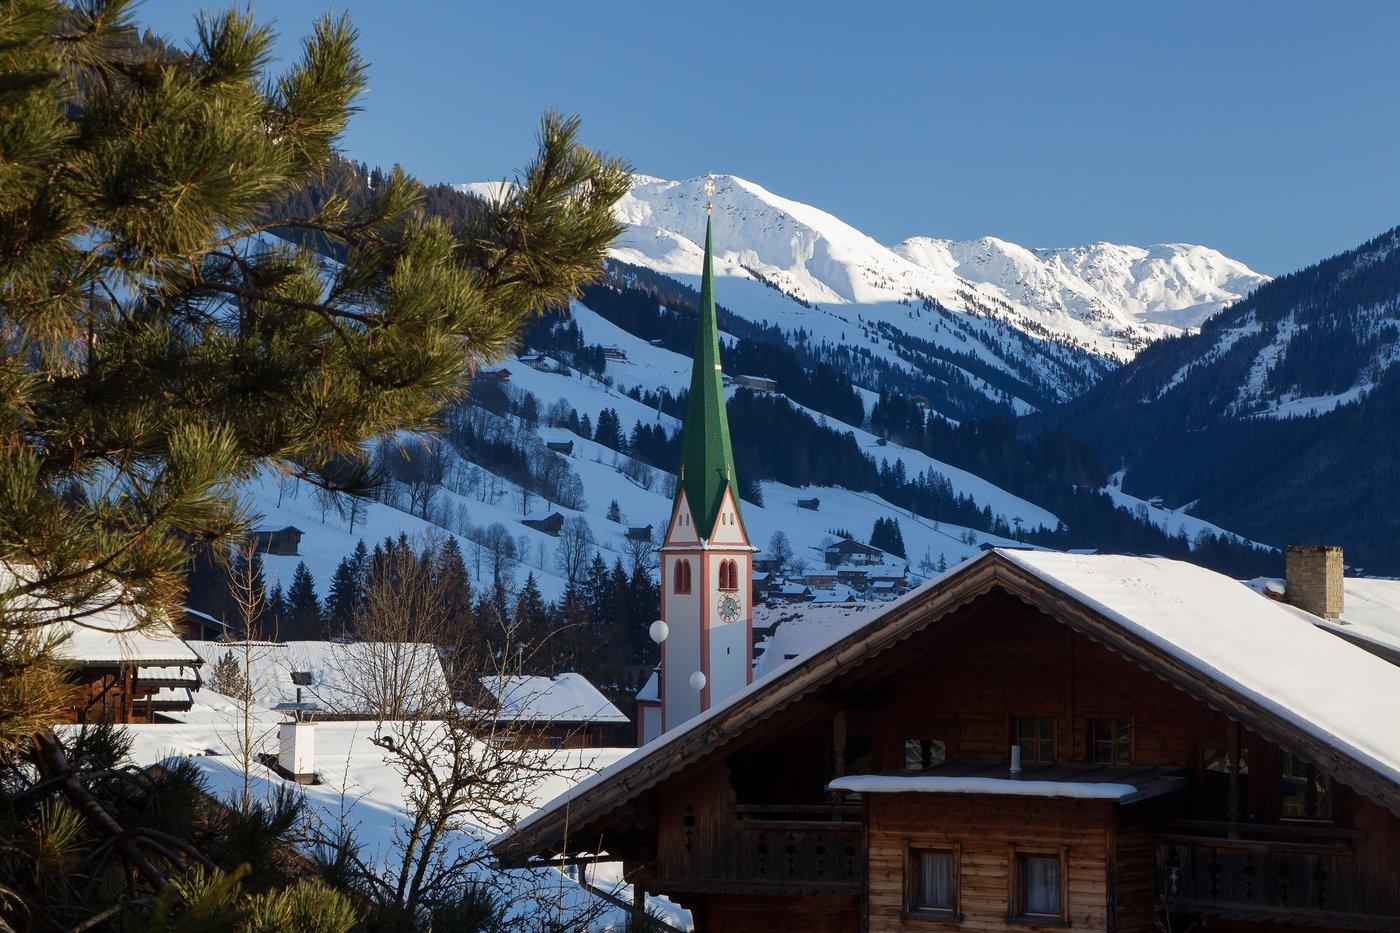 Center of Alpbach